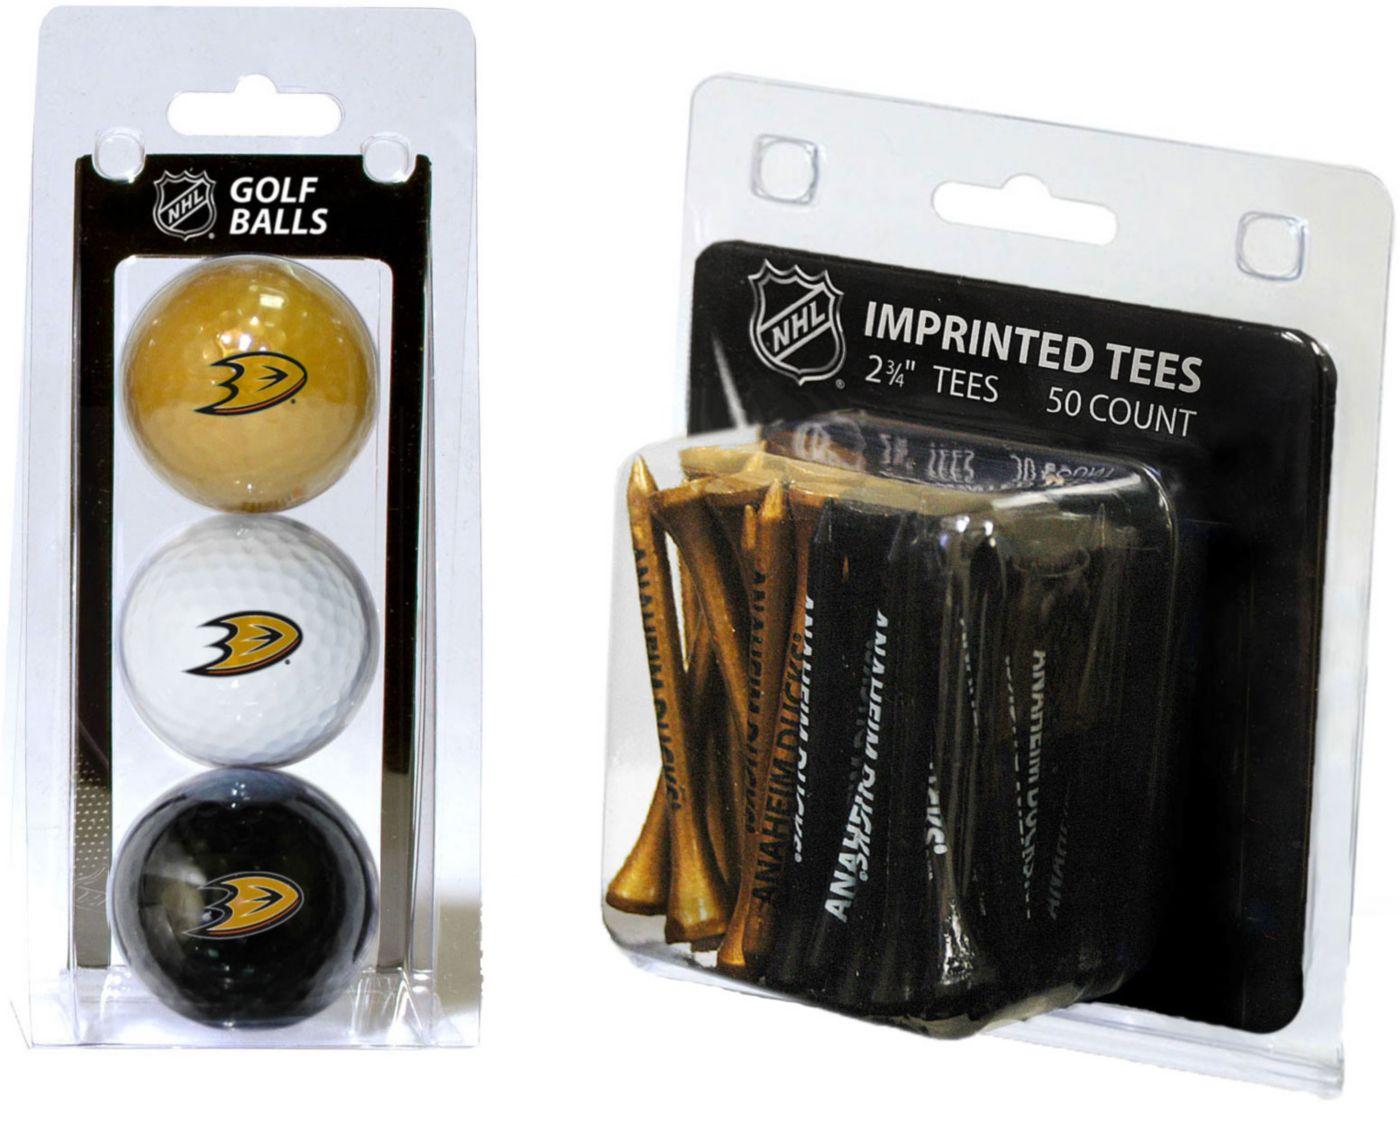 Team Golf Anaheim Ducks 3 Ball/50 Tee Combo Gift Pack